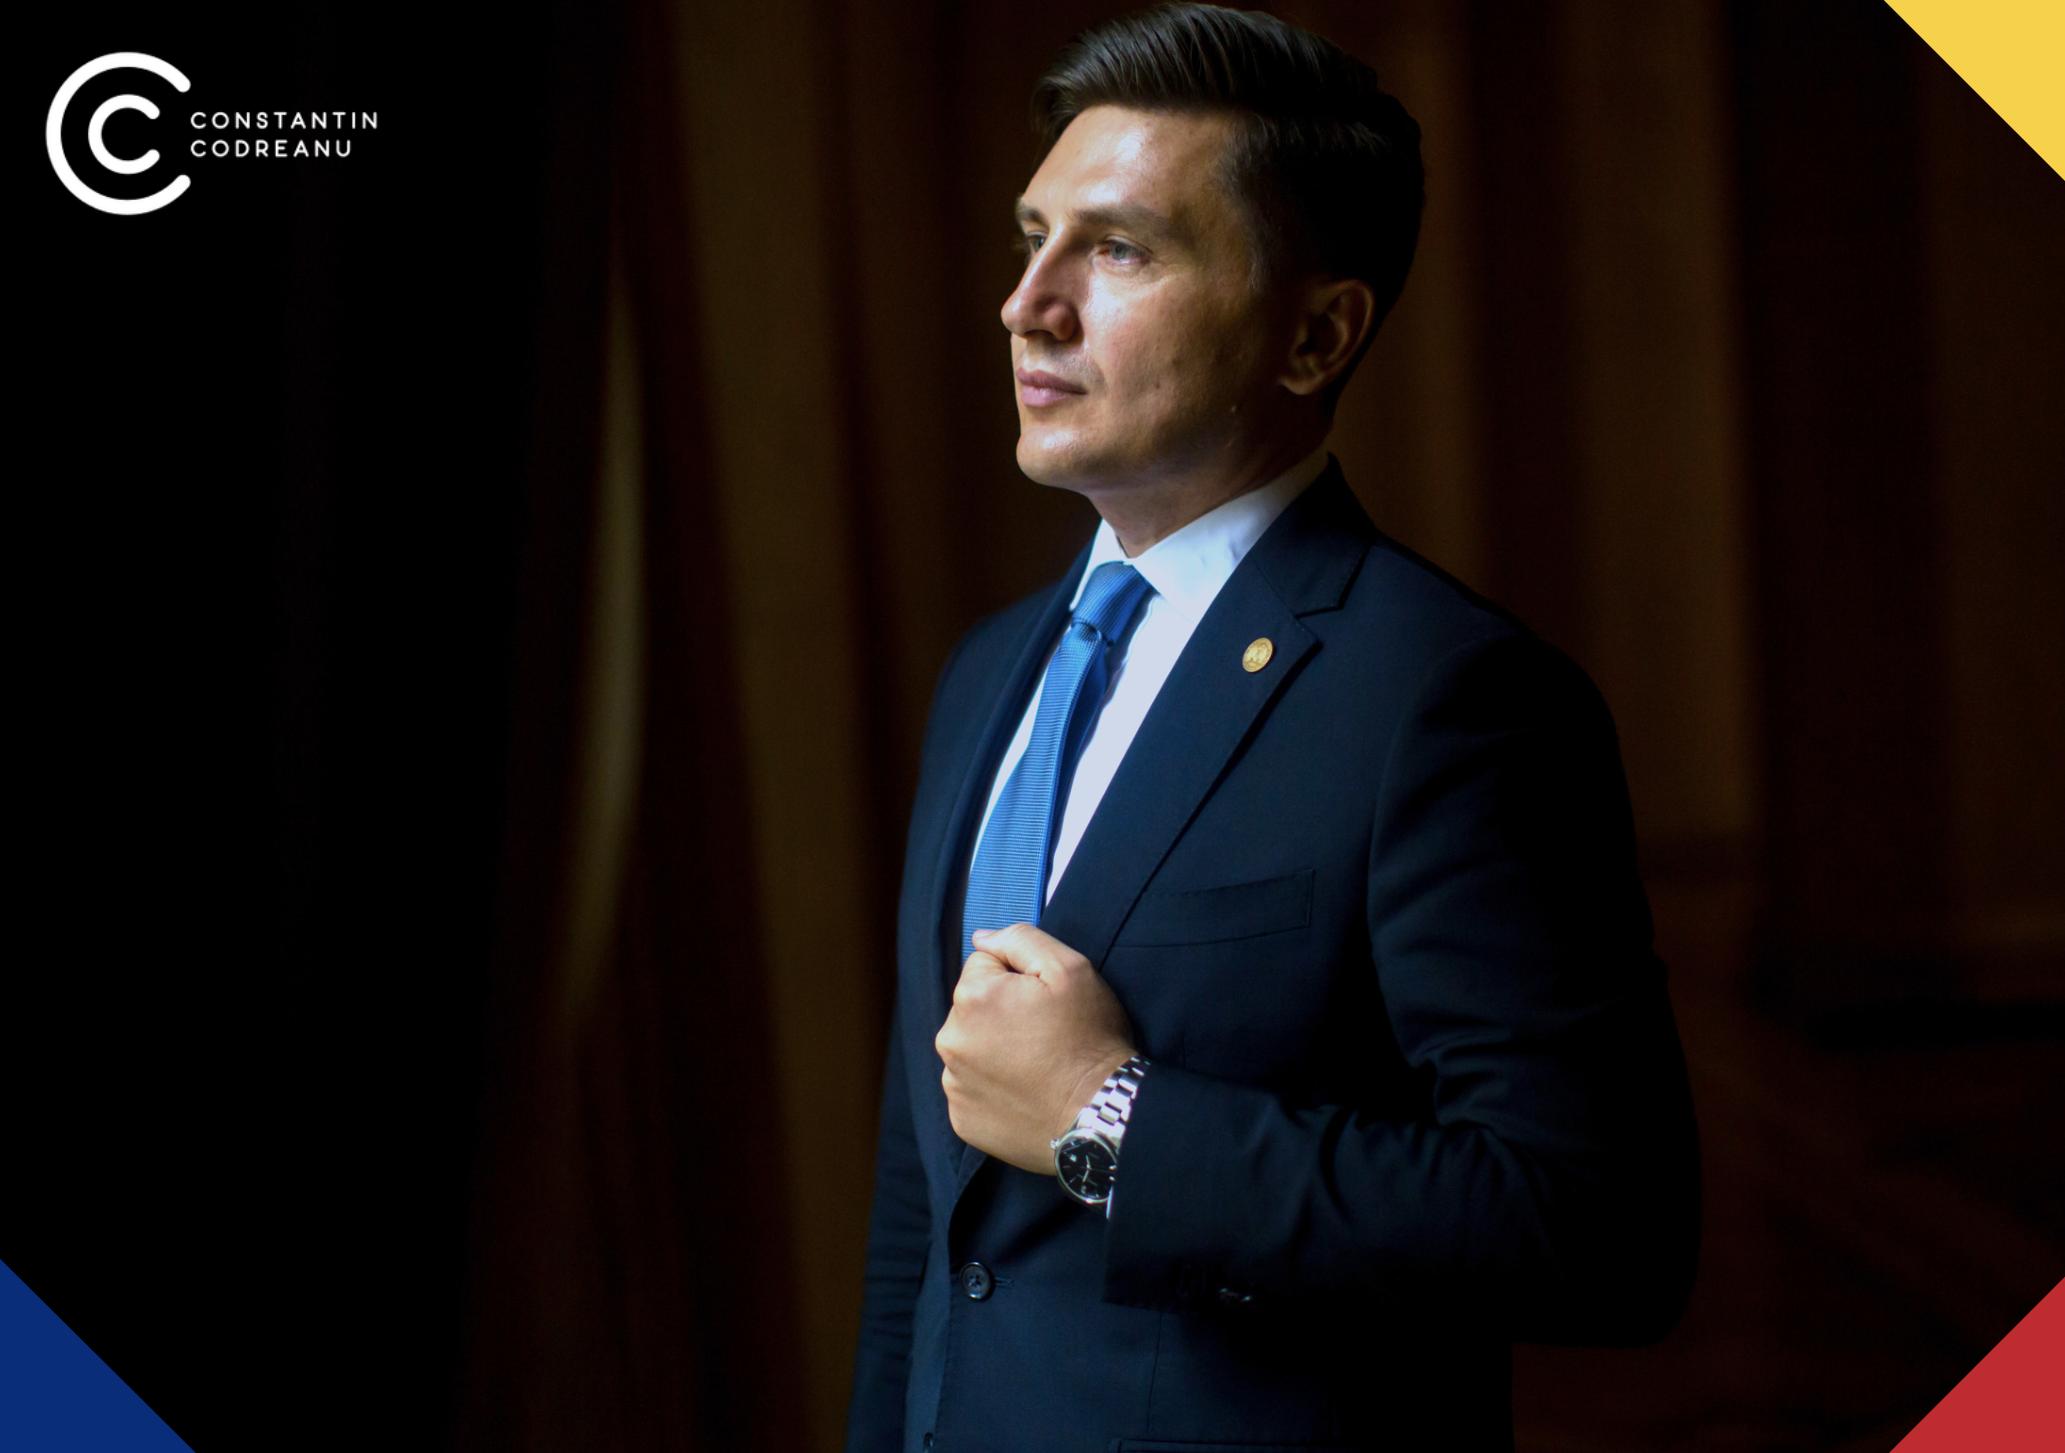 Constantin Codreanu Uniunea Europeana